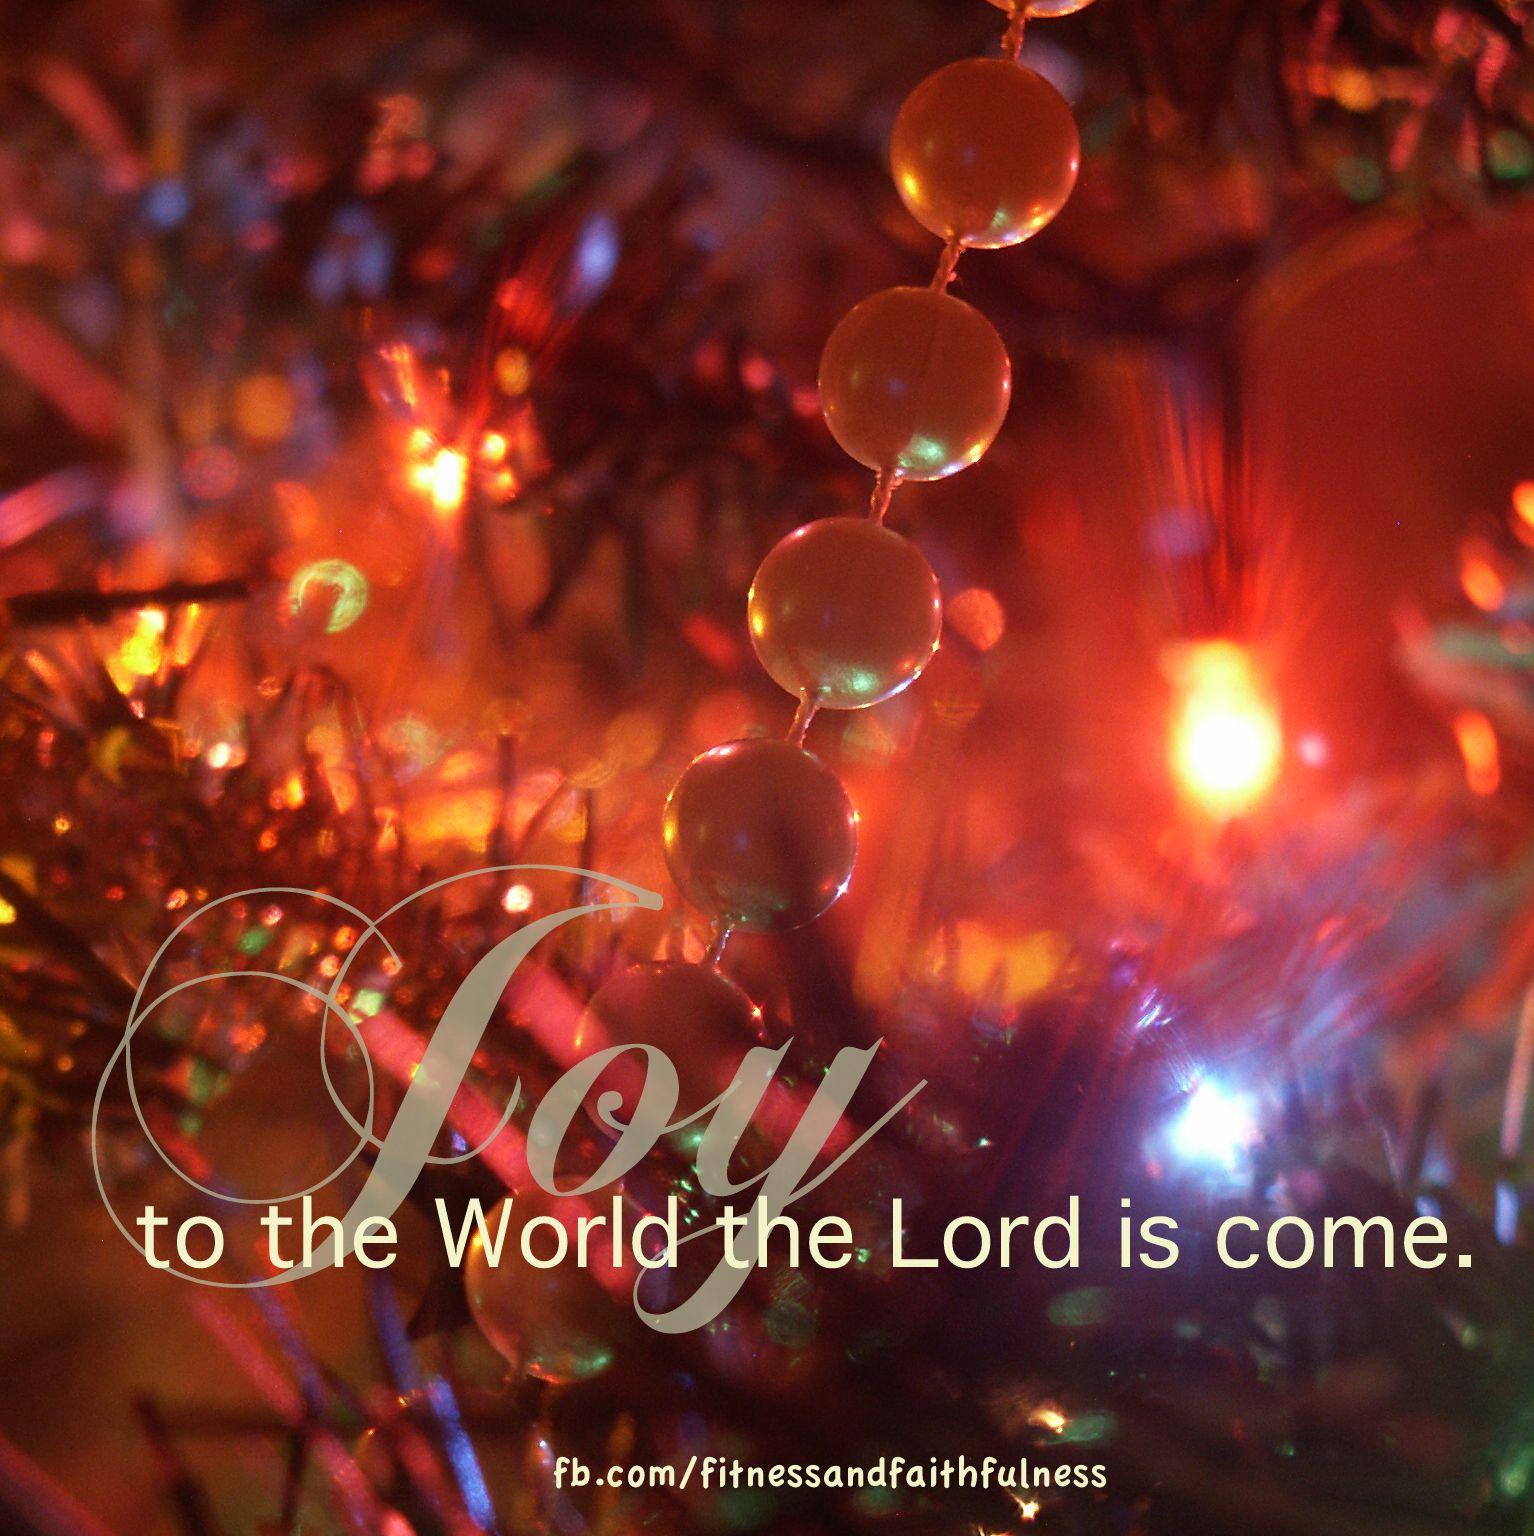 Fitness And Faithfulness Committed To Both Christmas Greetings Christian Christmas Bible Christian Christmas